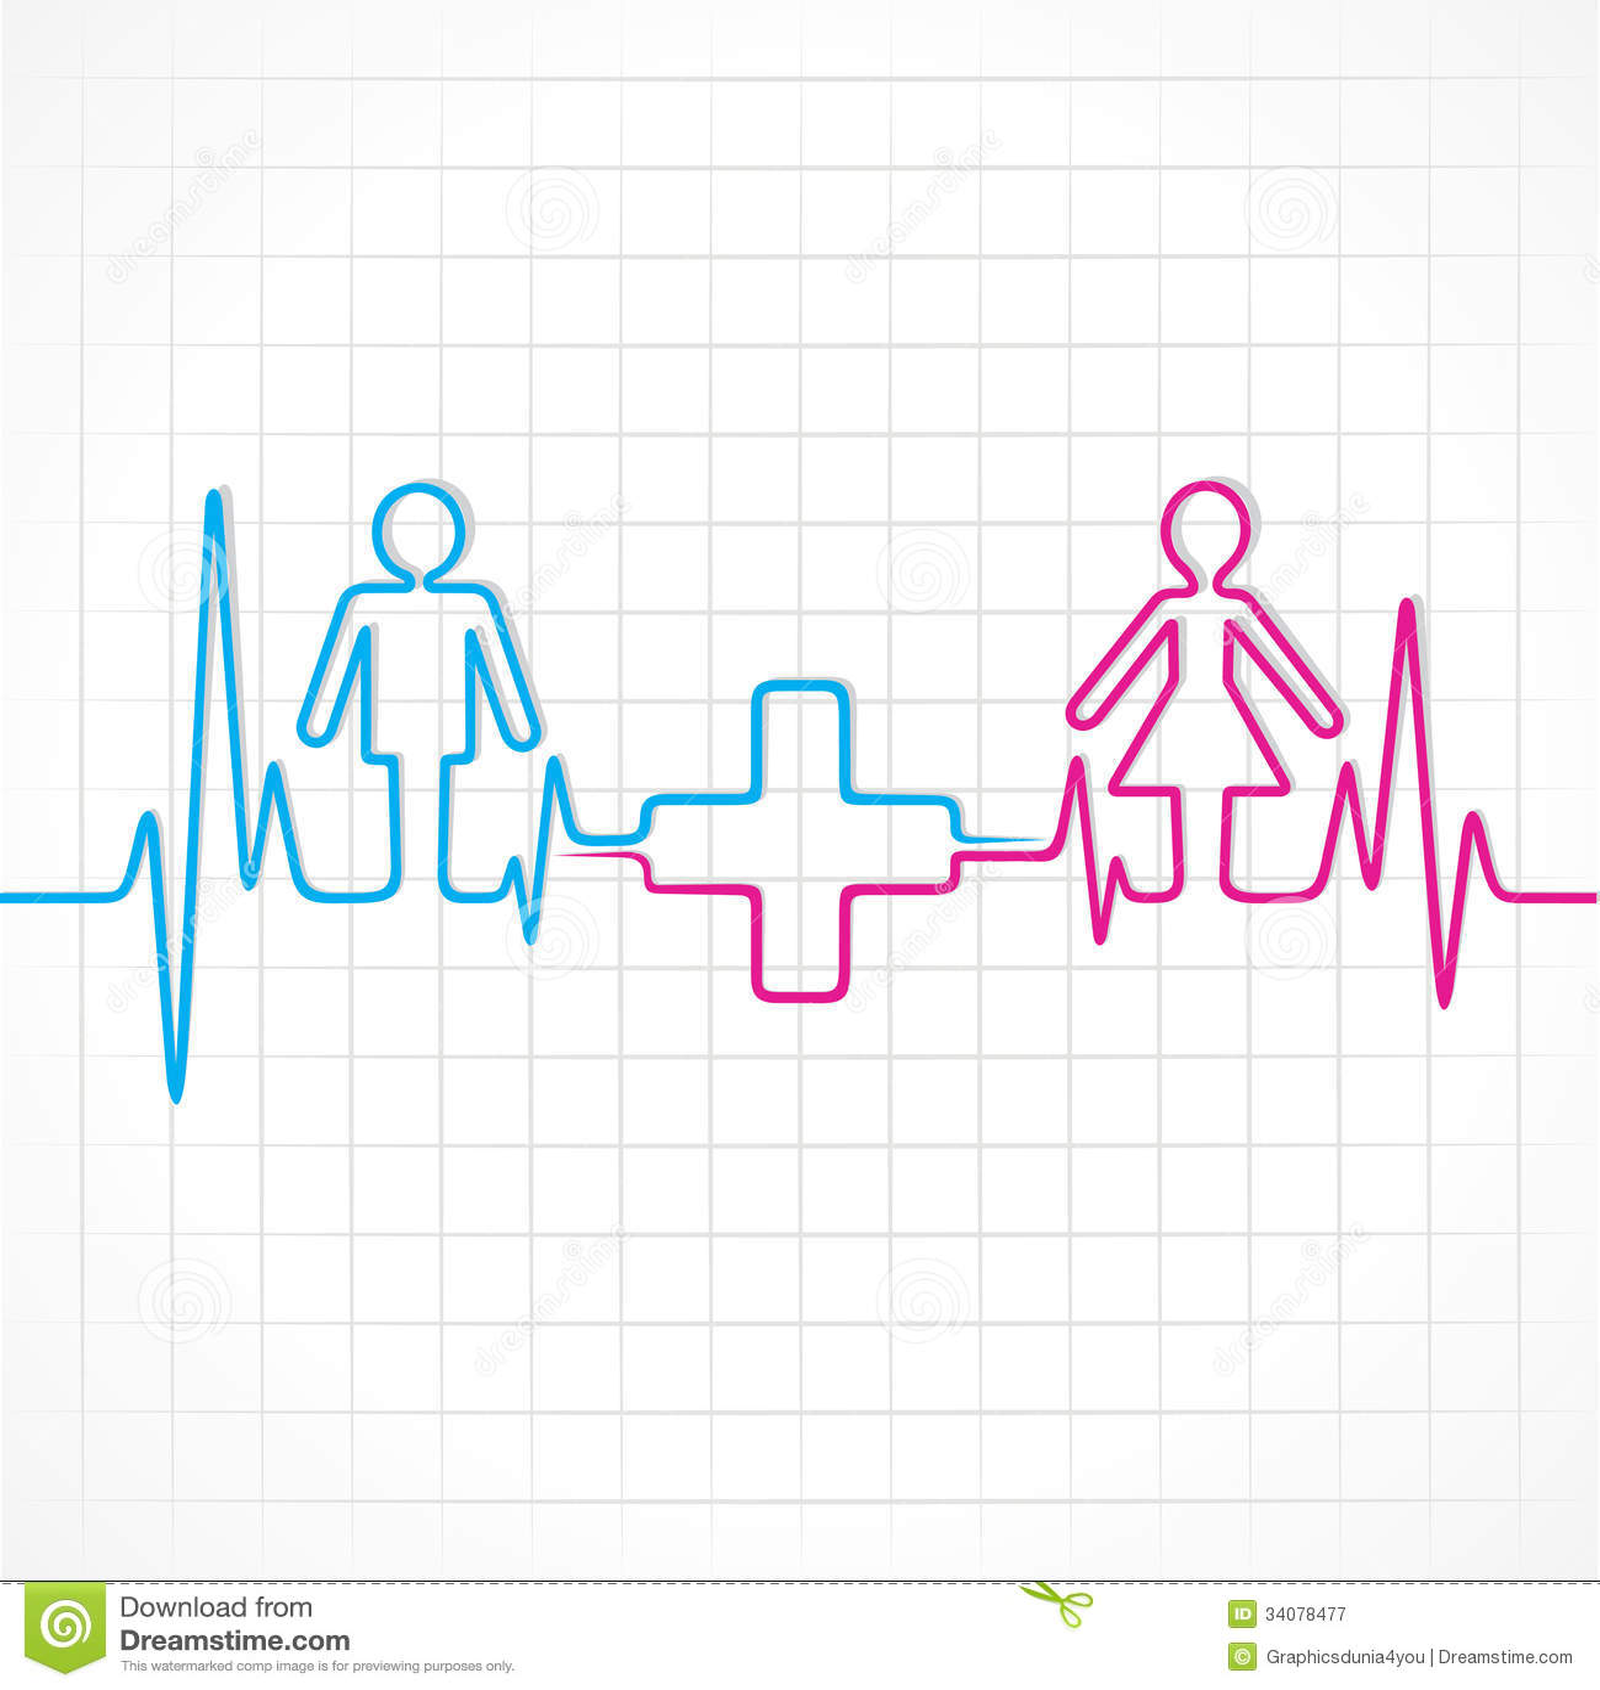 Heartbeat make malefemale and medical symbol stock vector heartbeat make malefemale and medical symbol buycottarizona Images